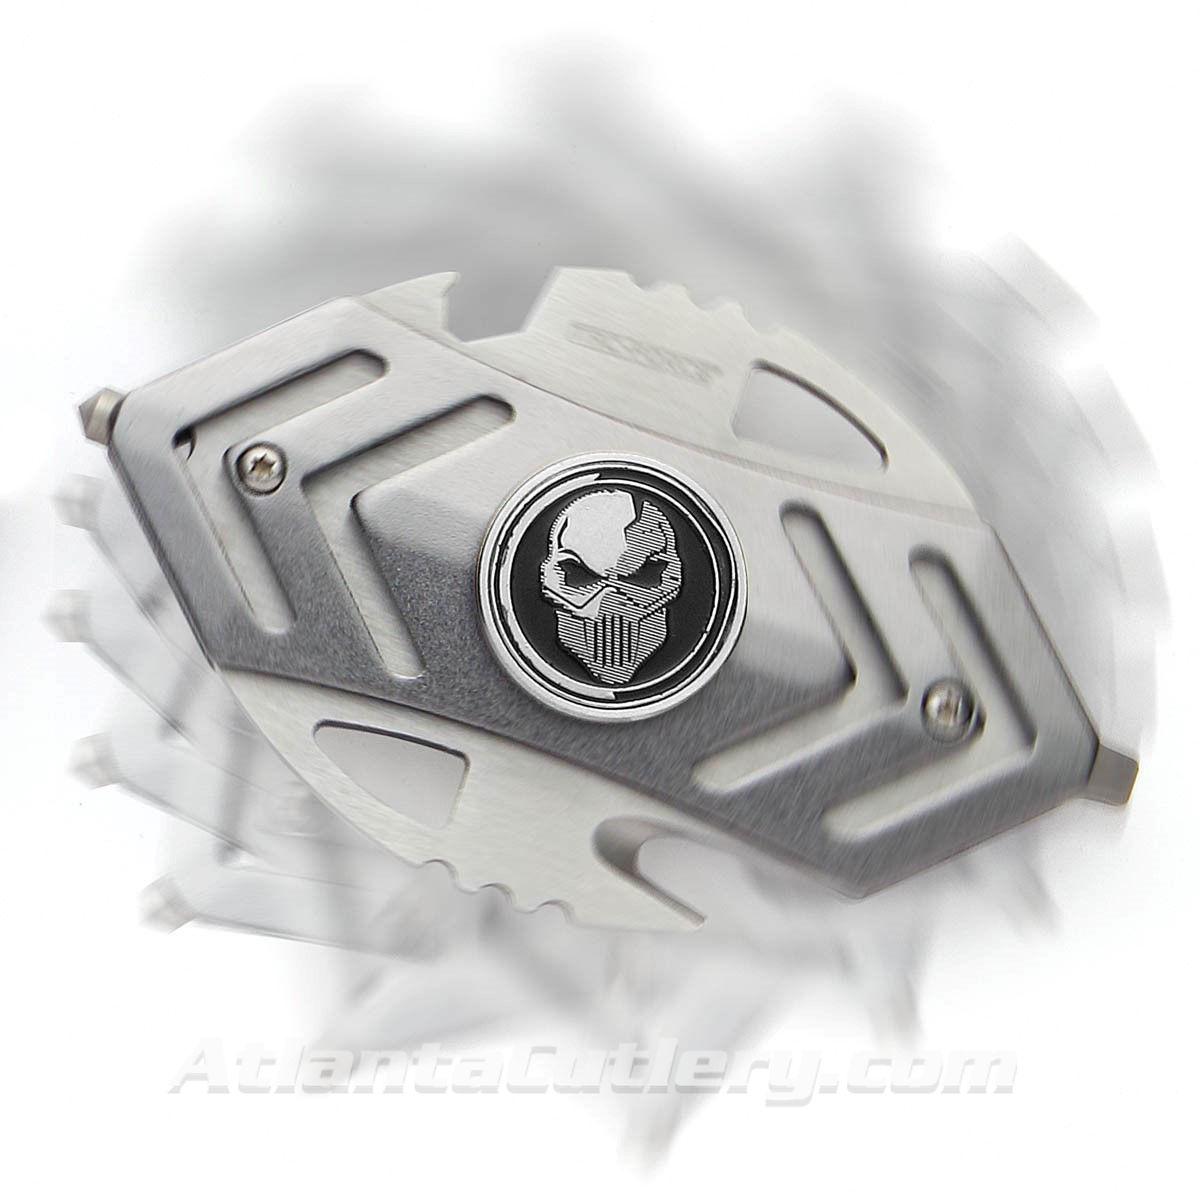 Sliver Multi-Tool Fidget Spinner